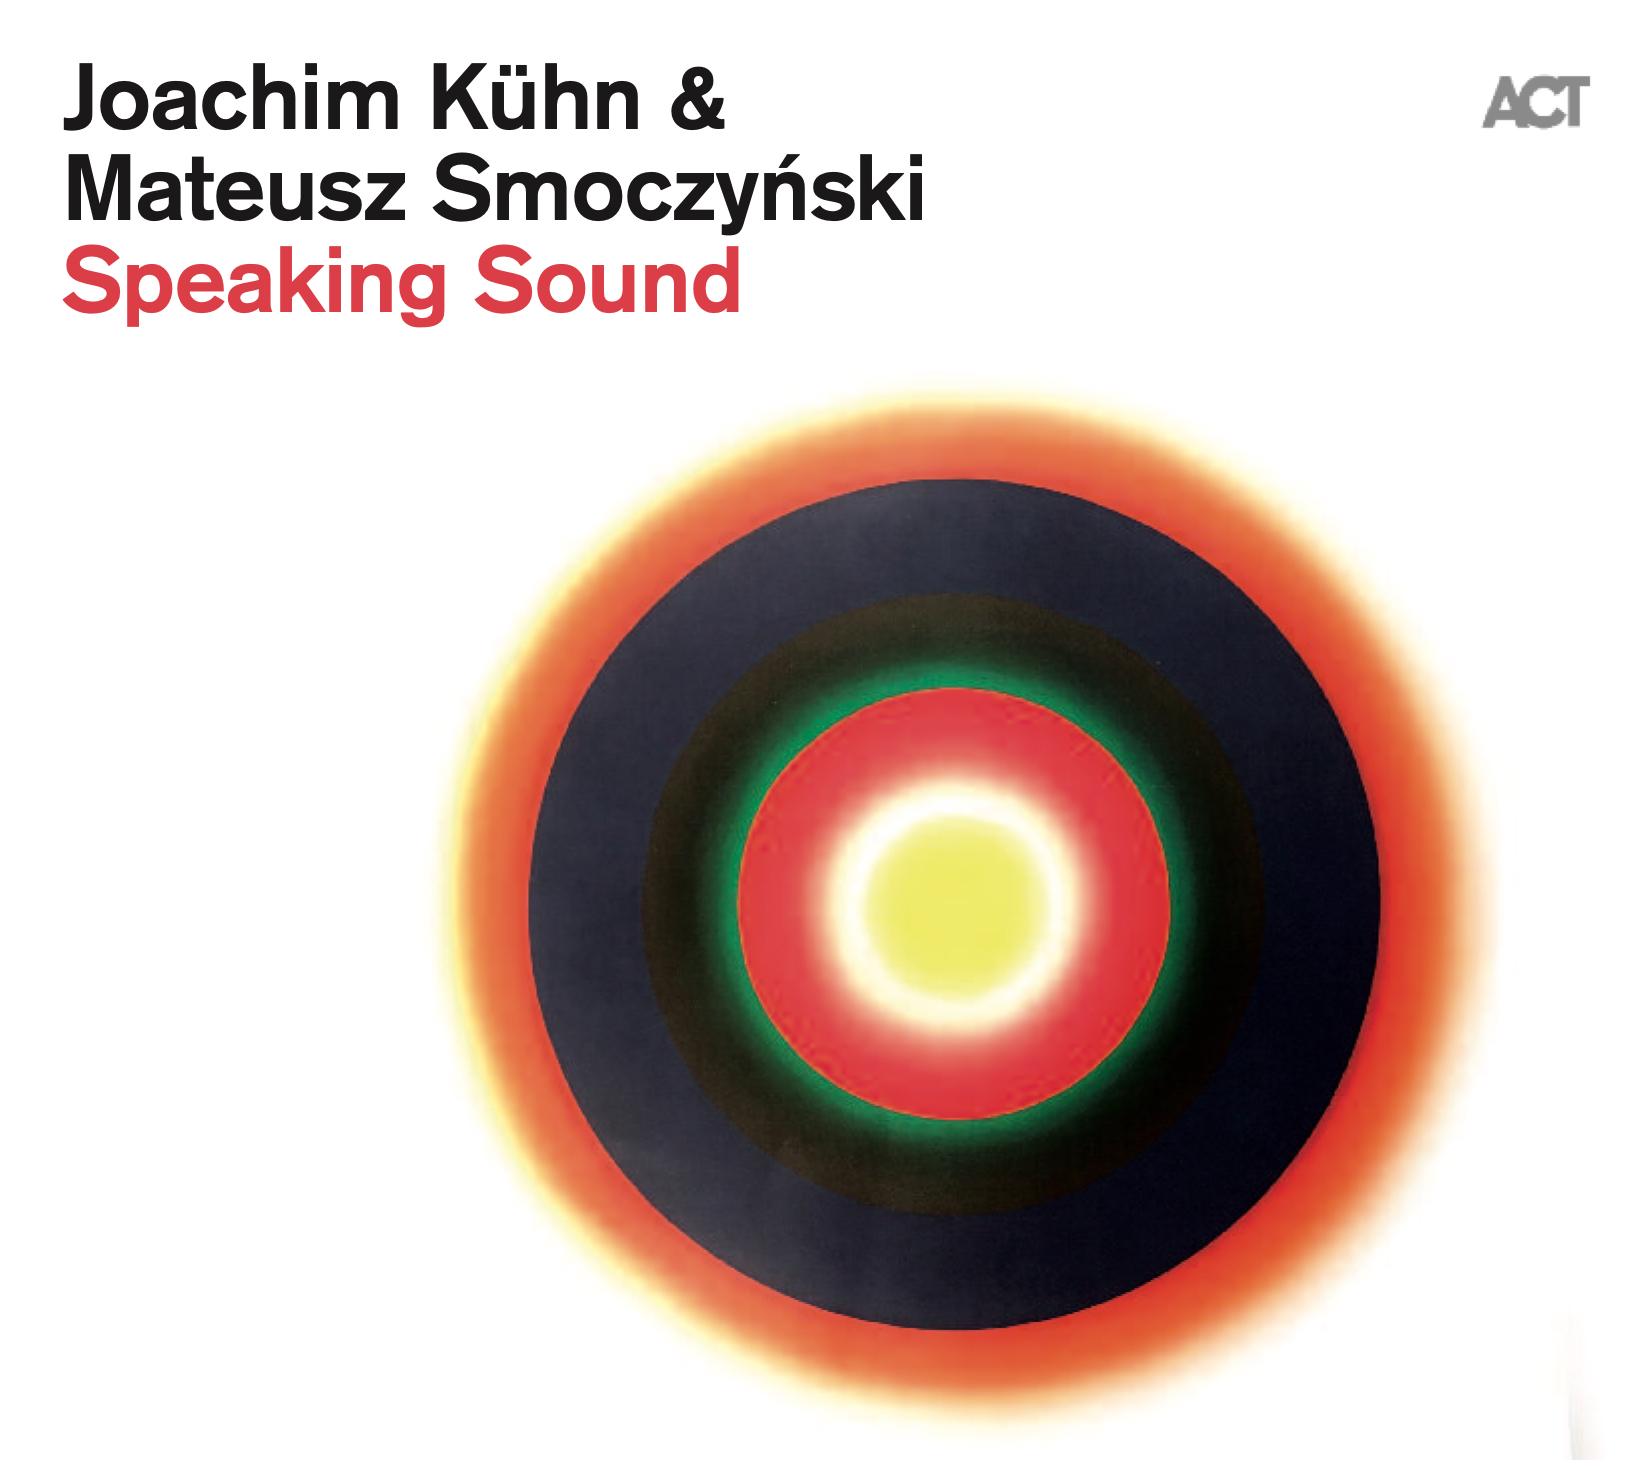 JOACHIM KÜHN - Speaking Sound cover